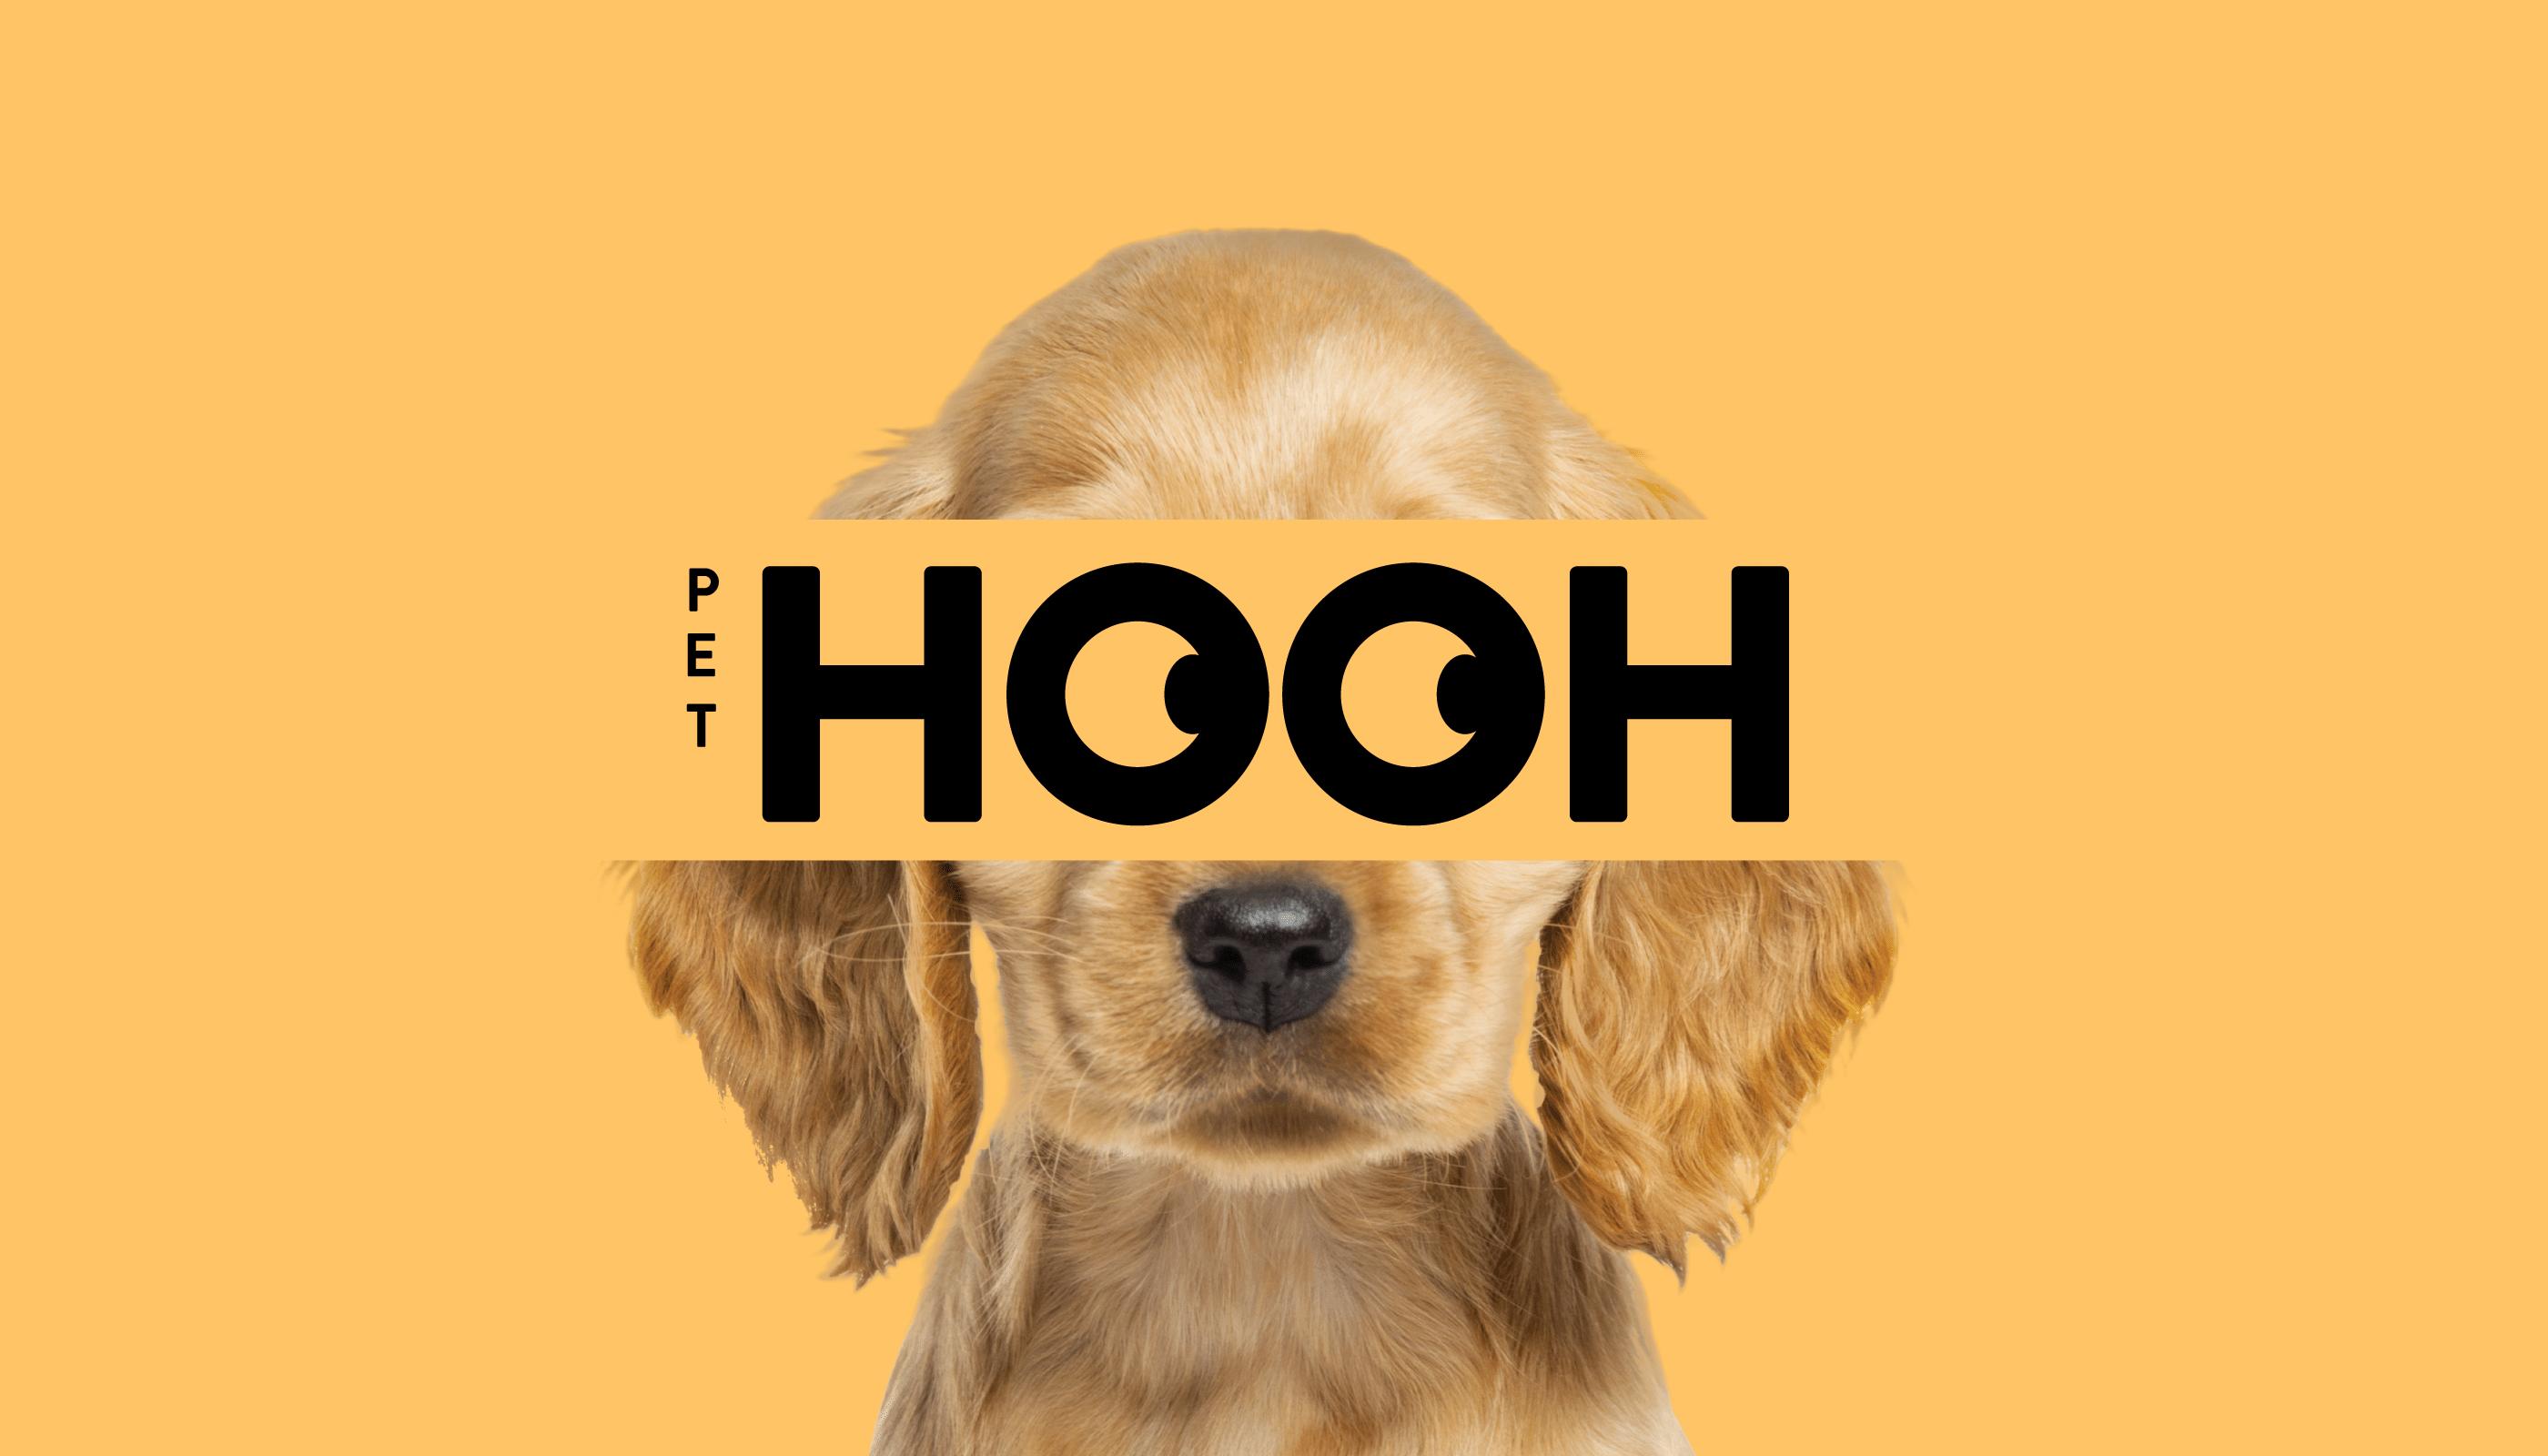 電商寵物品牌logo設計案例分享